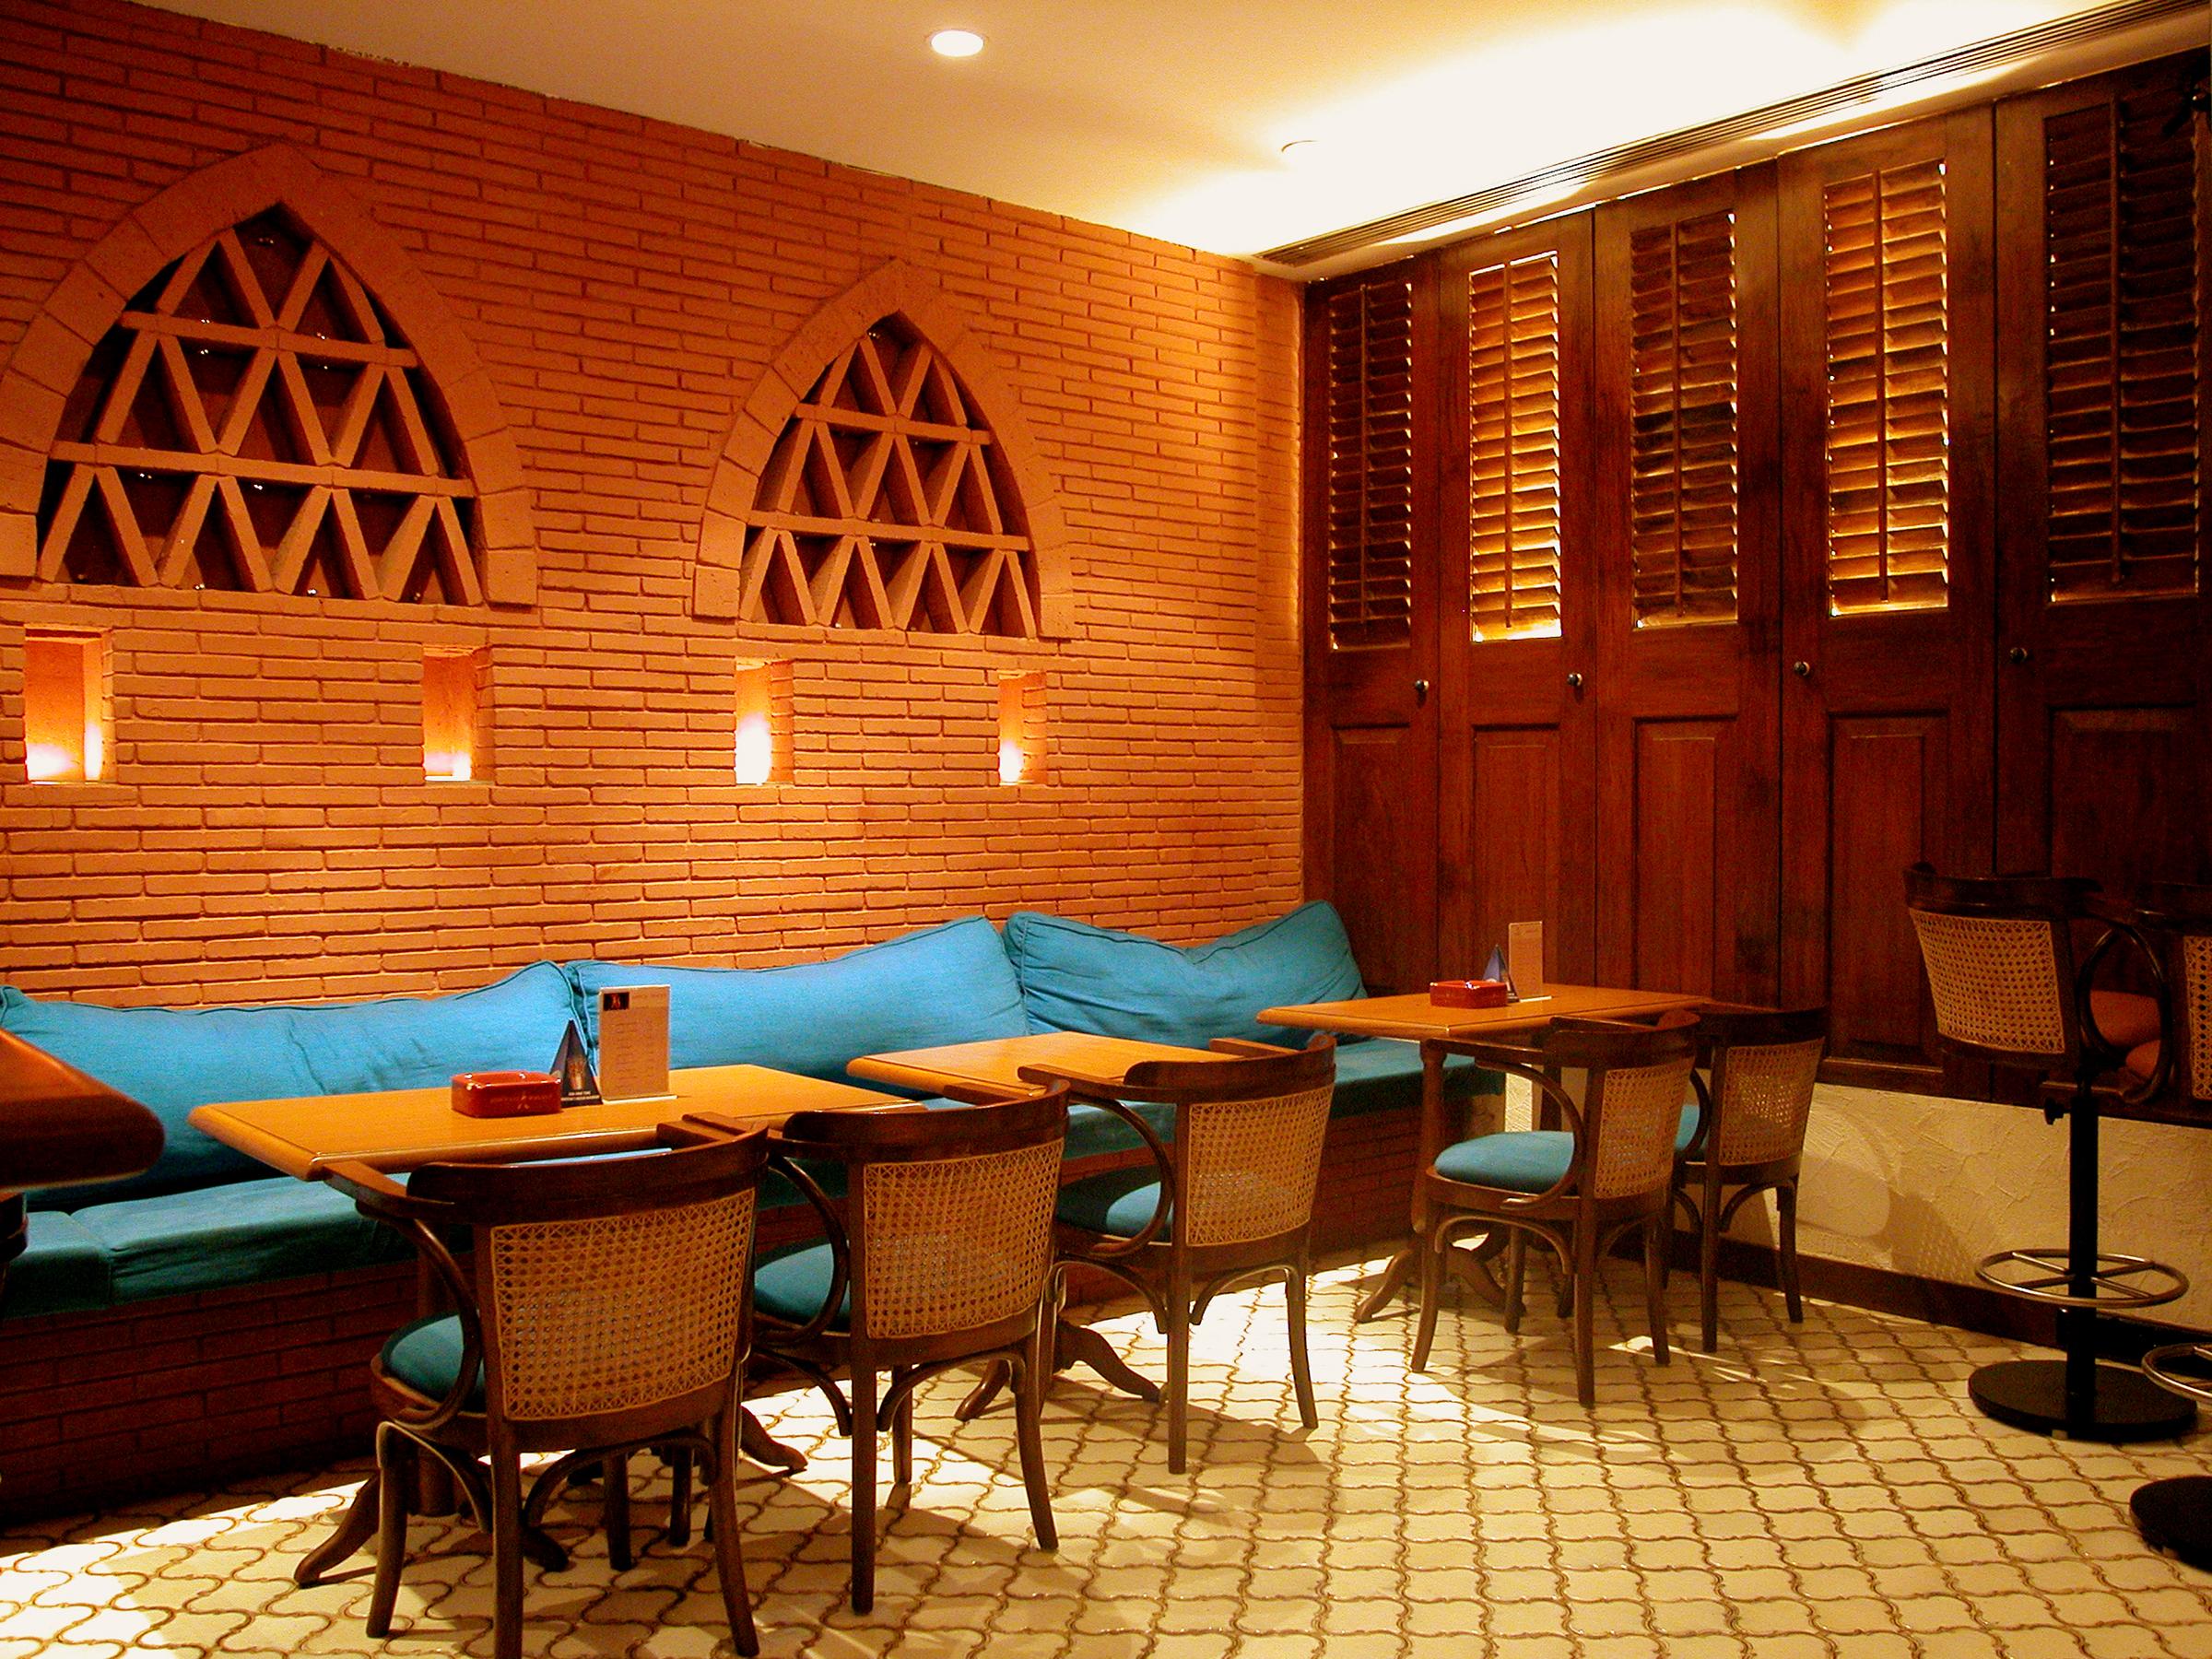 Interior Design of Restaurant